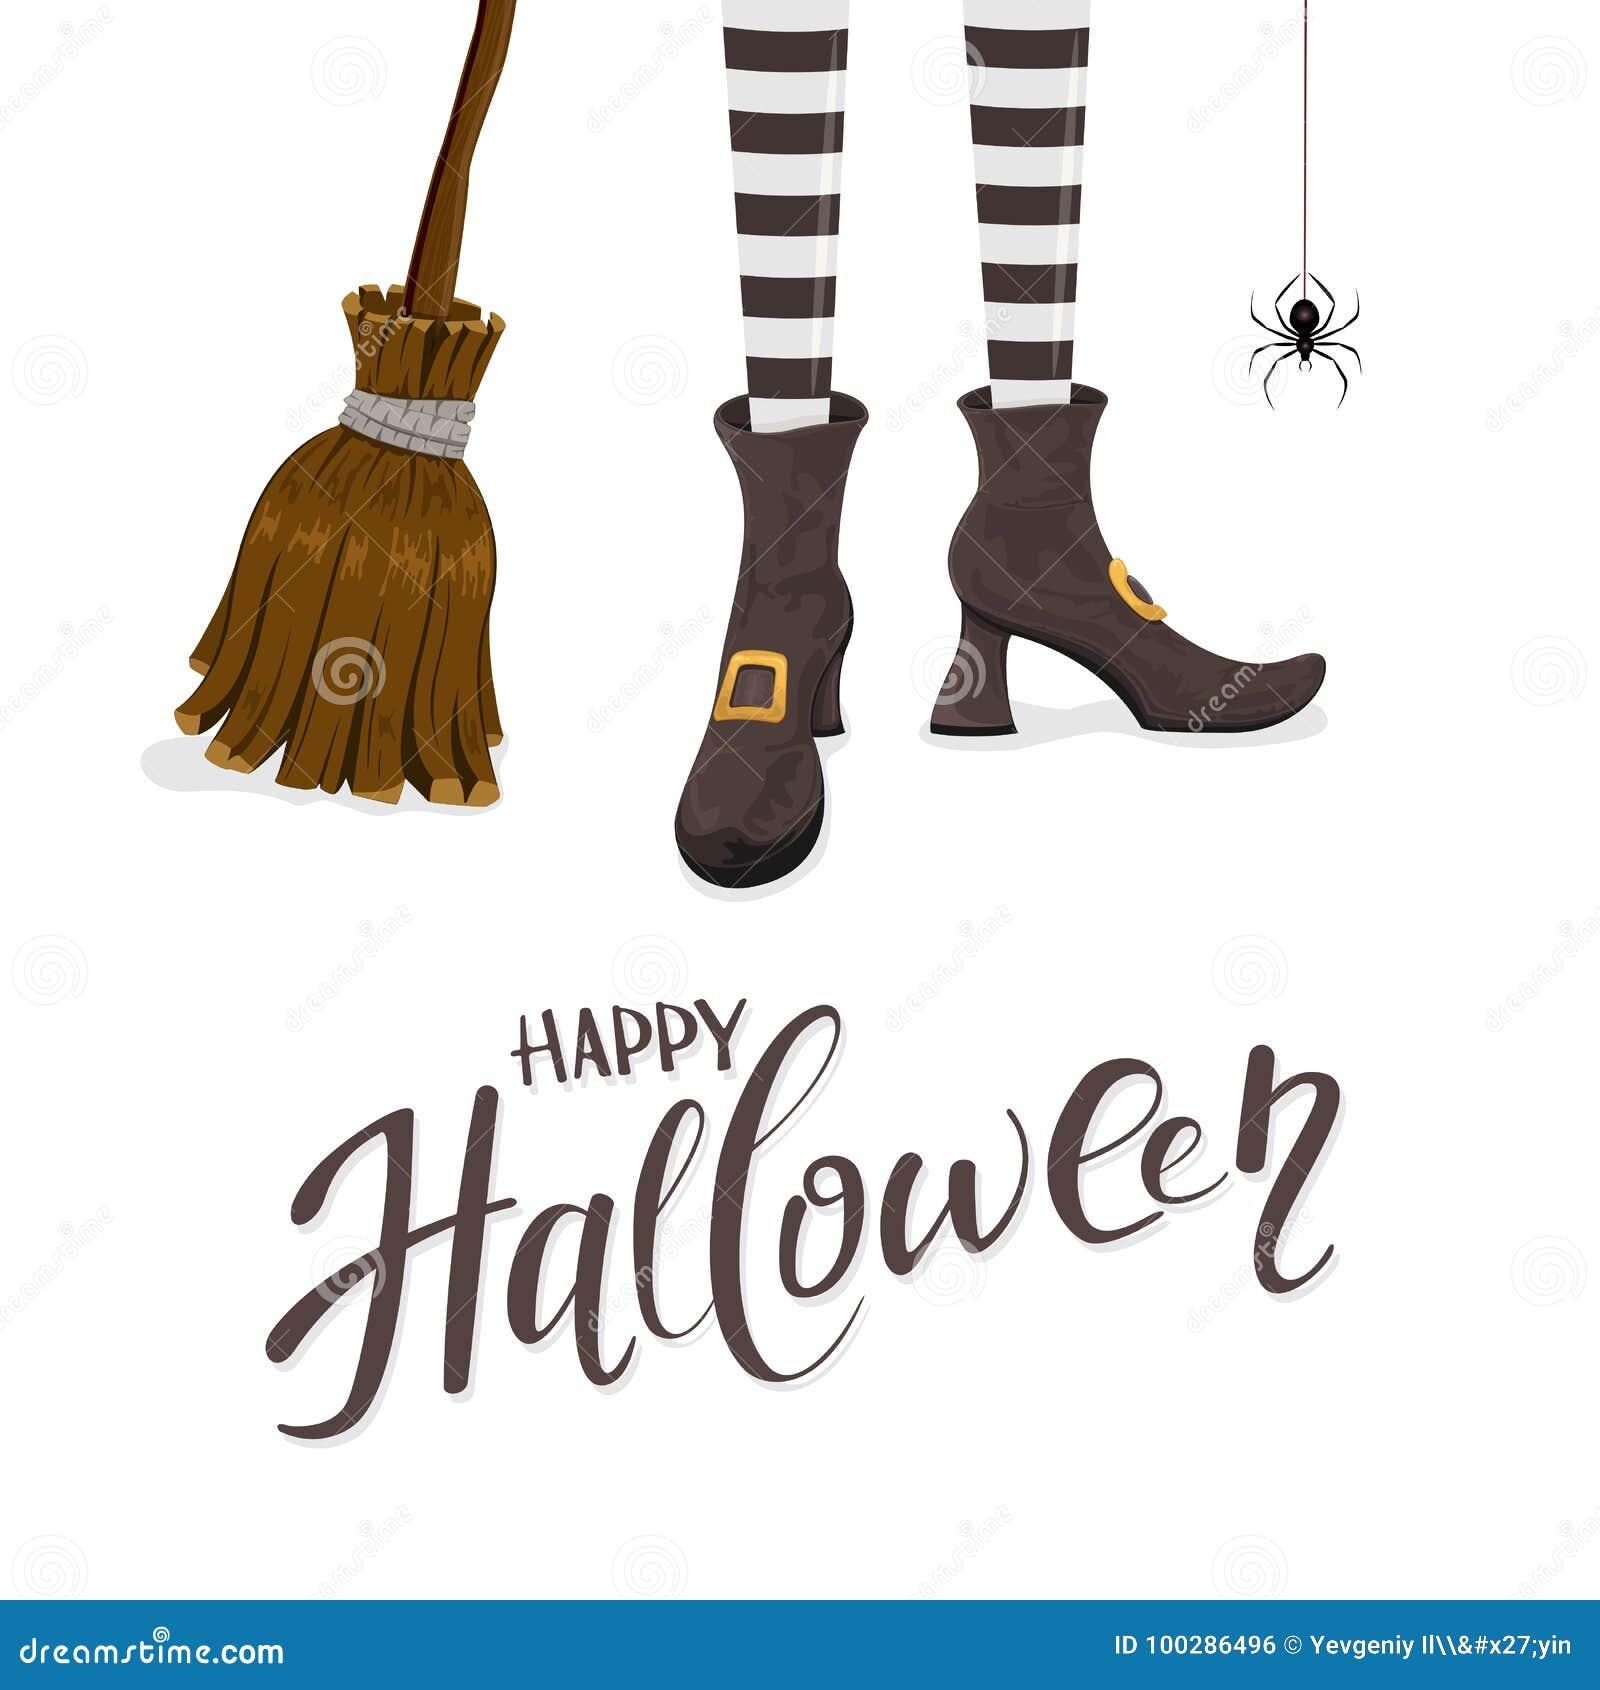 background broom halloween happy